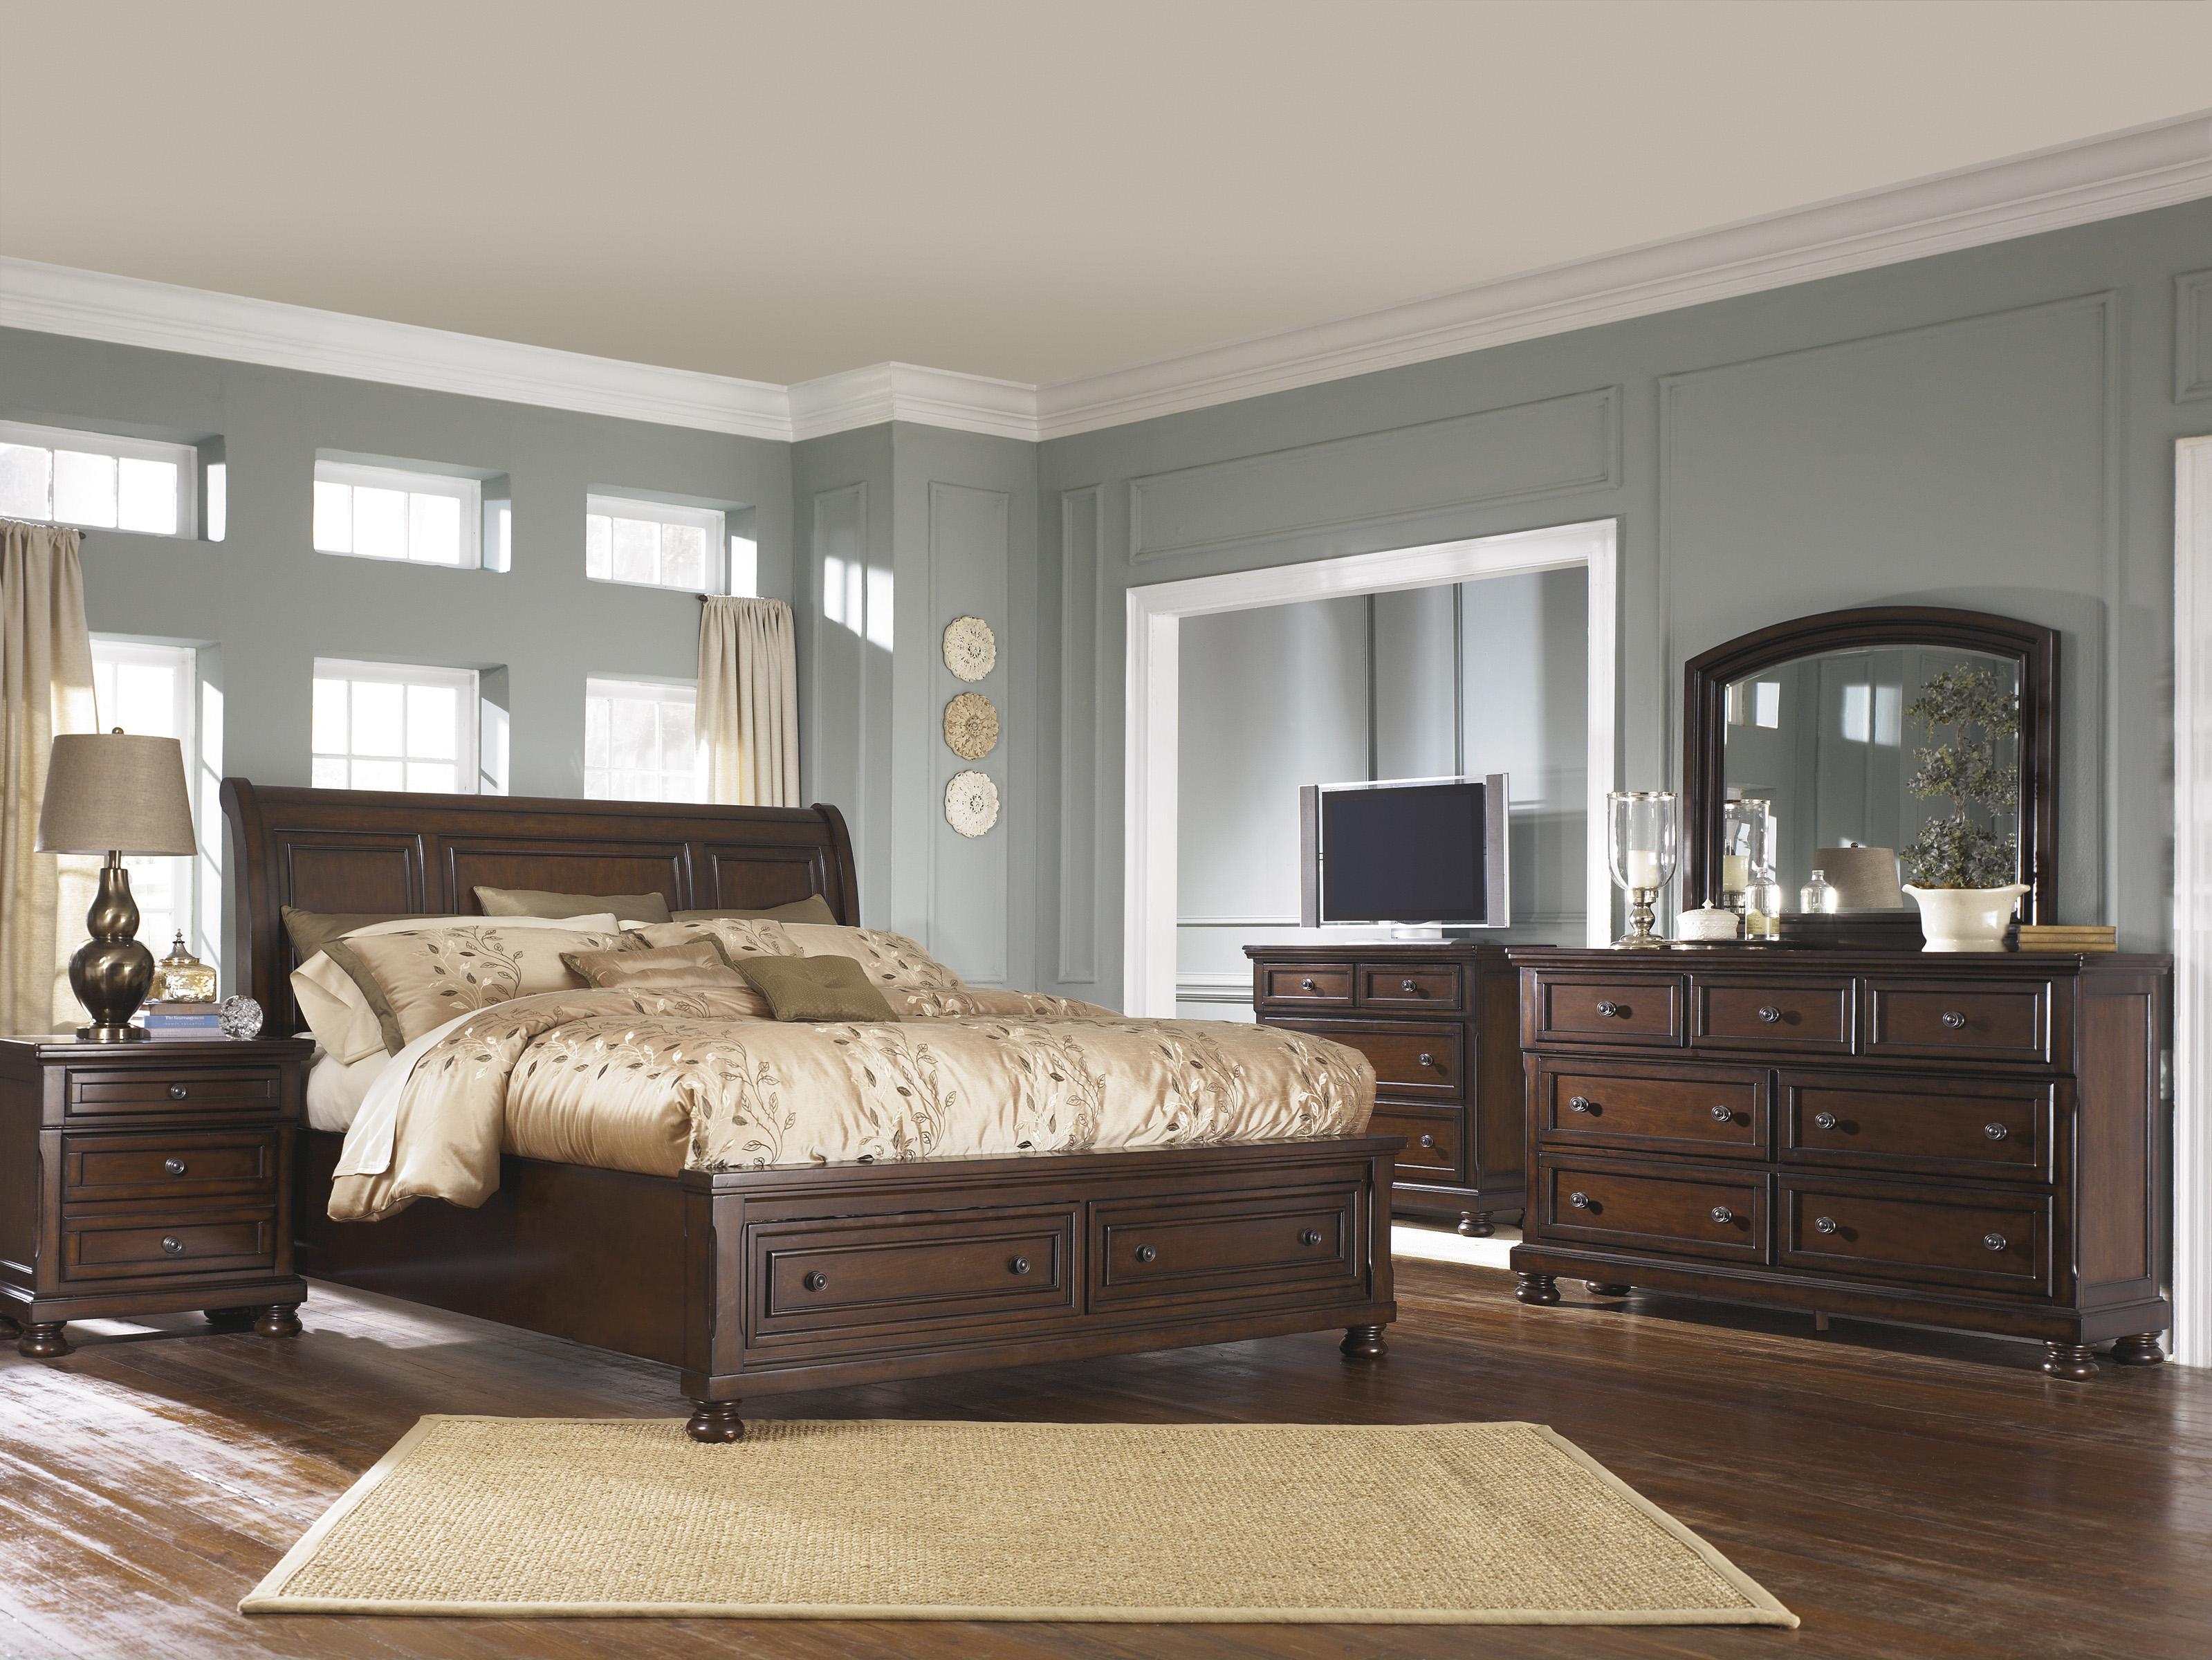 Ashley Furniture Porter King Bedroom Group